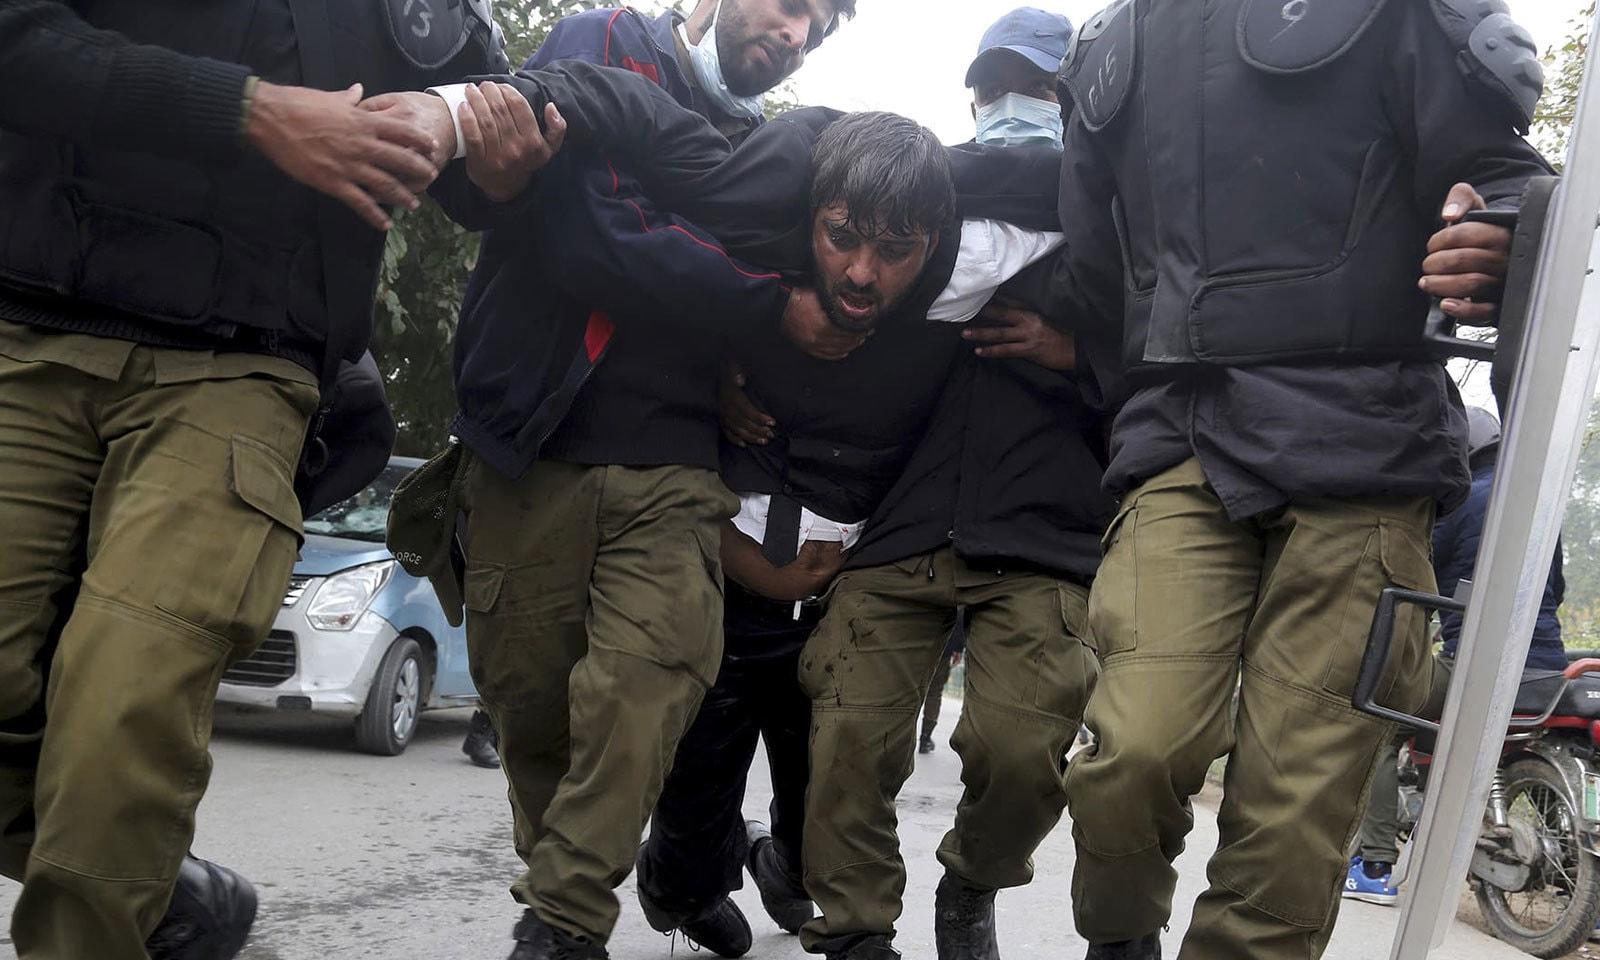 پولیس نے حالات پر قابو پانے کے لیے کئی افراد کو حراست میں بھی لیا — فوٹو: اے پی